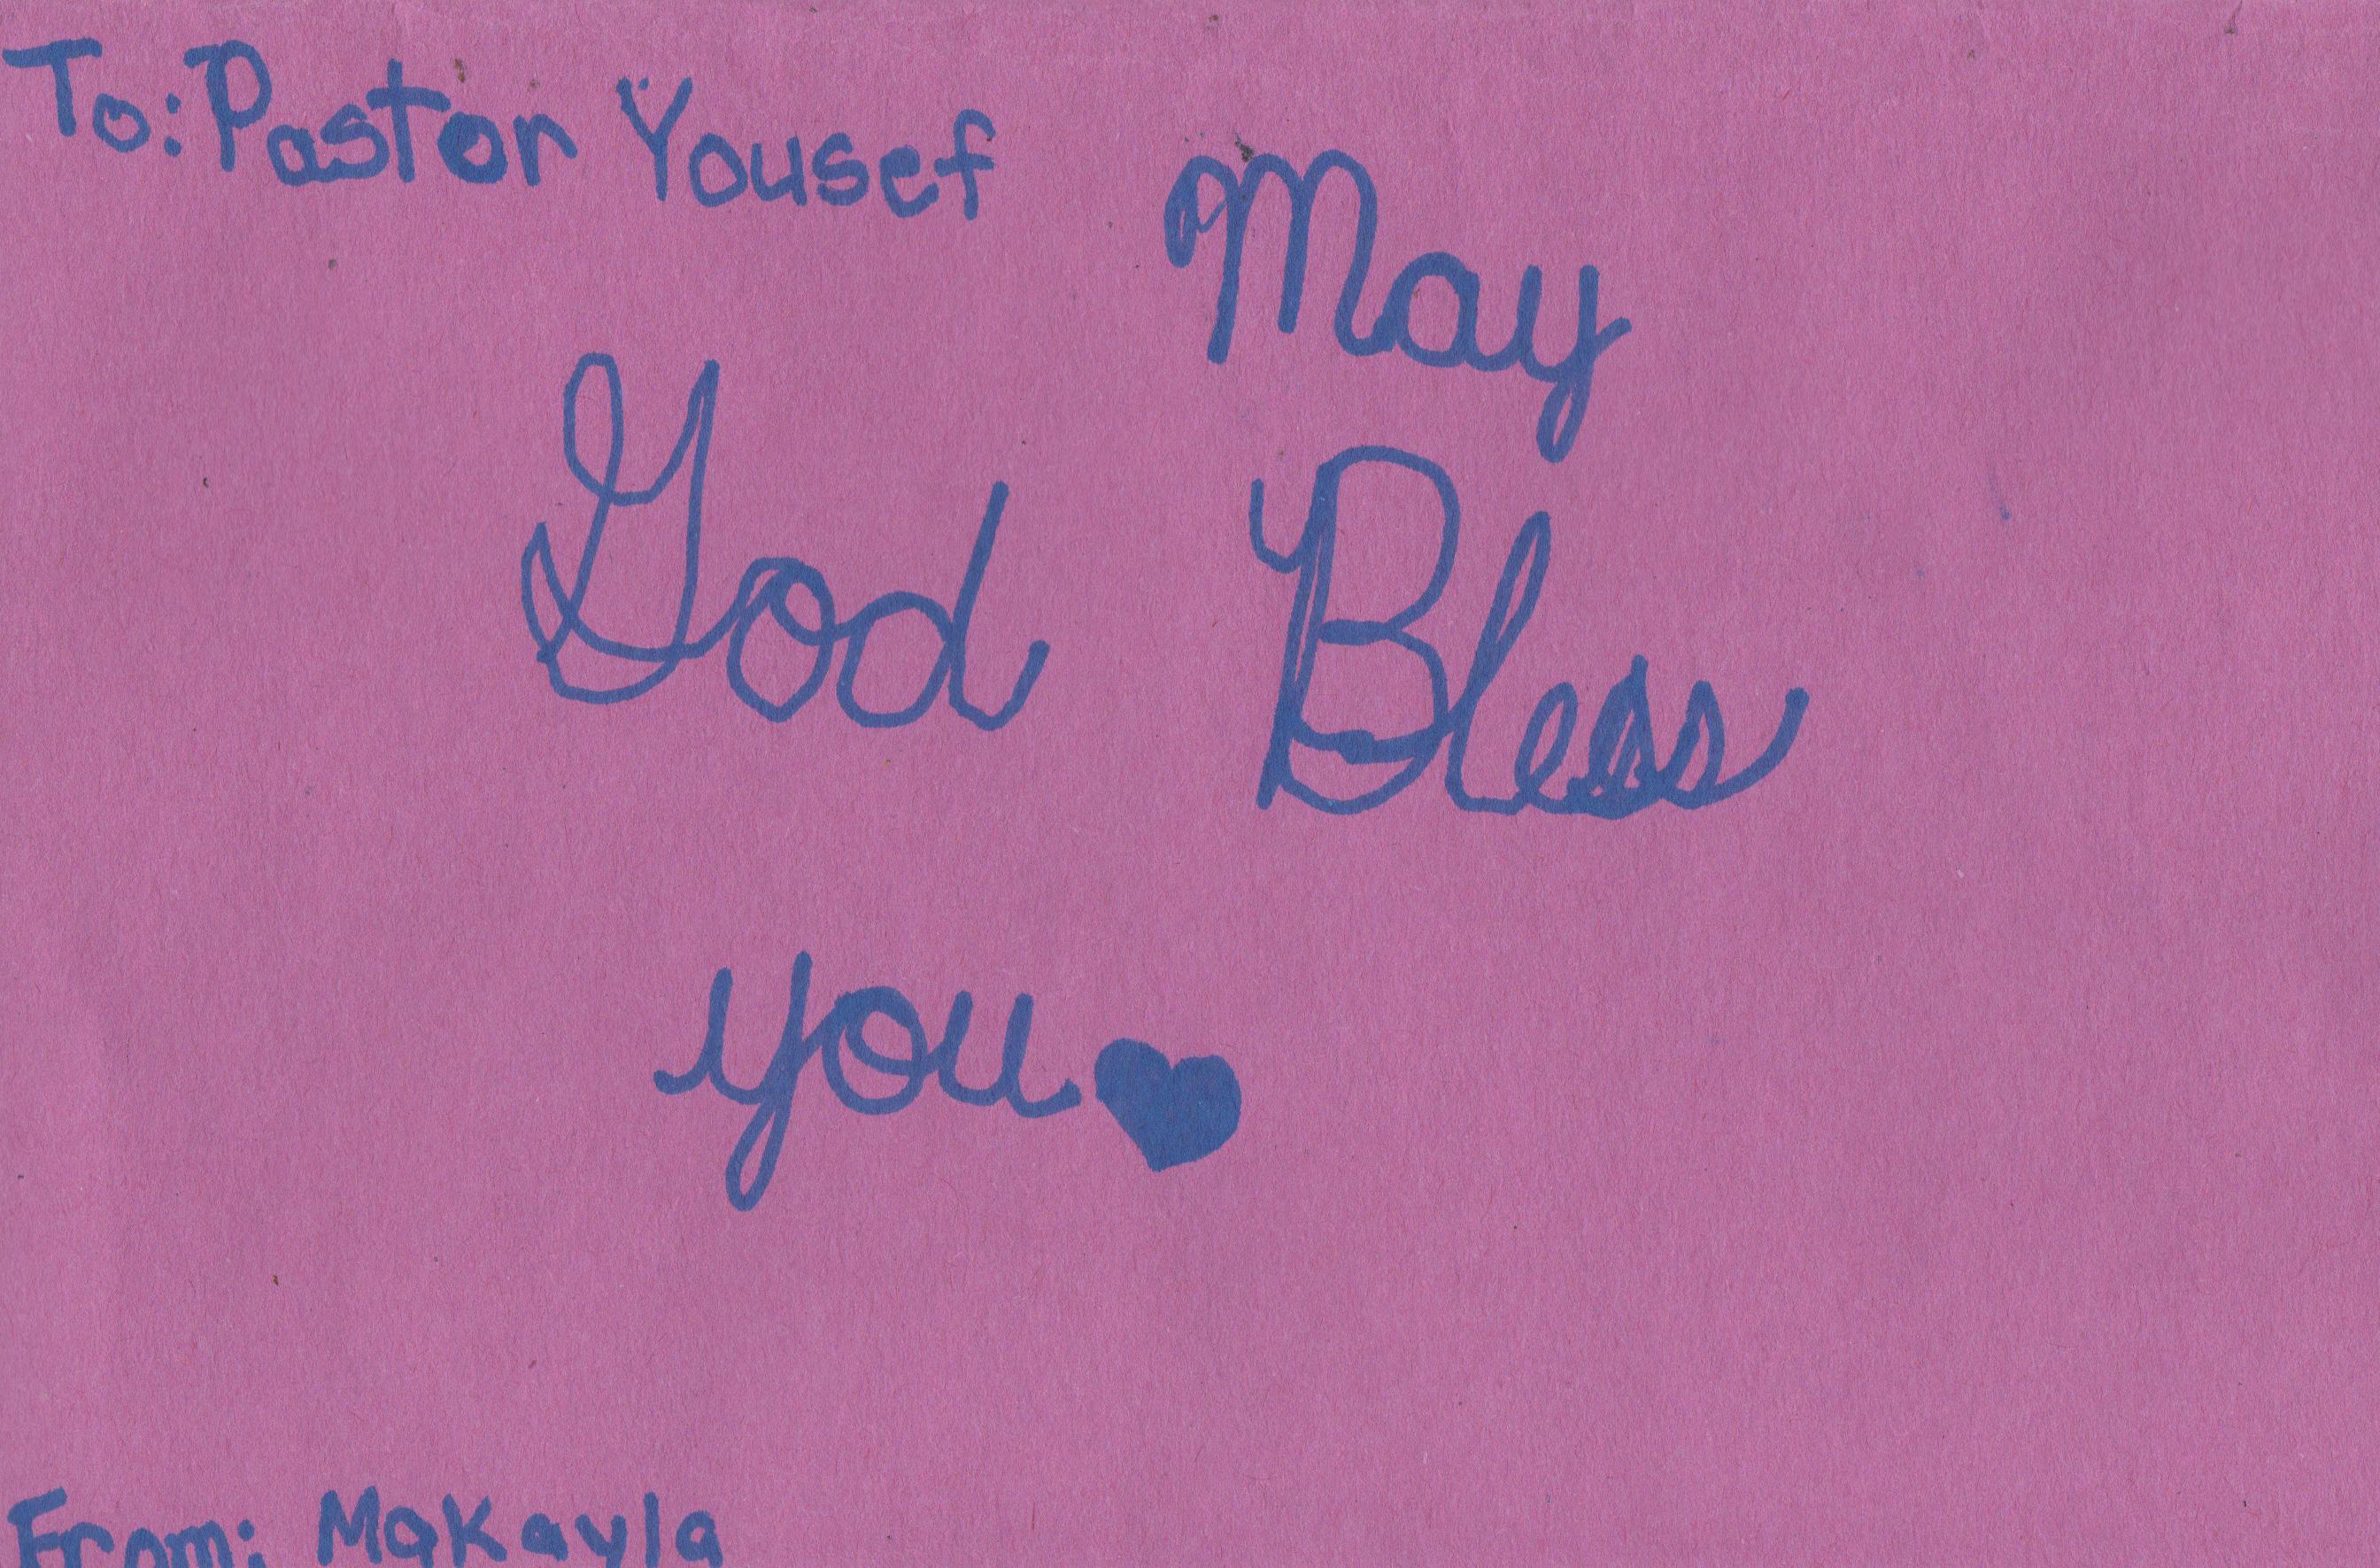 God bless Pastor Youcef Nadarkhani